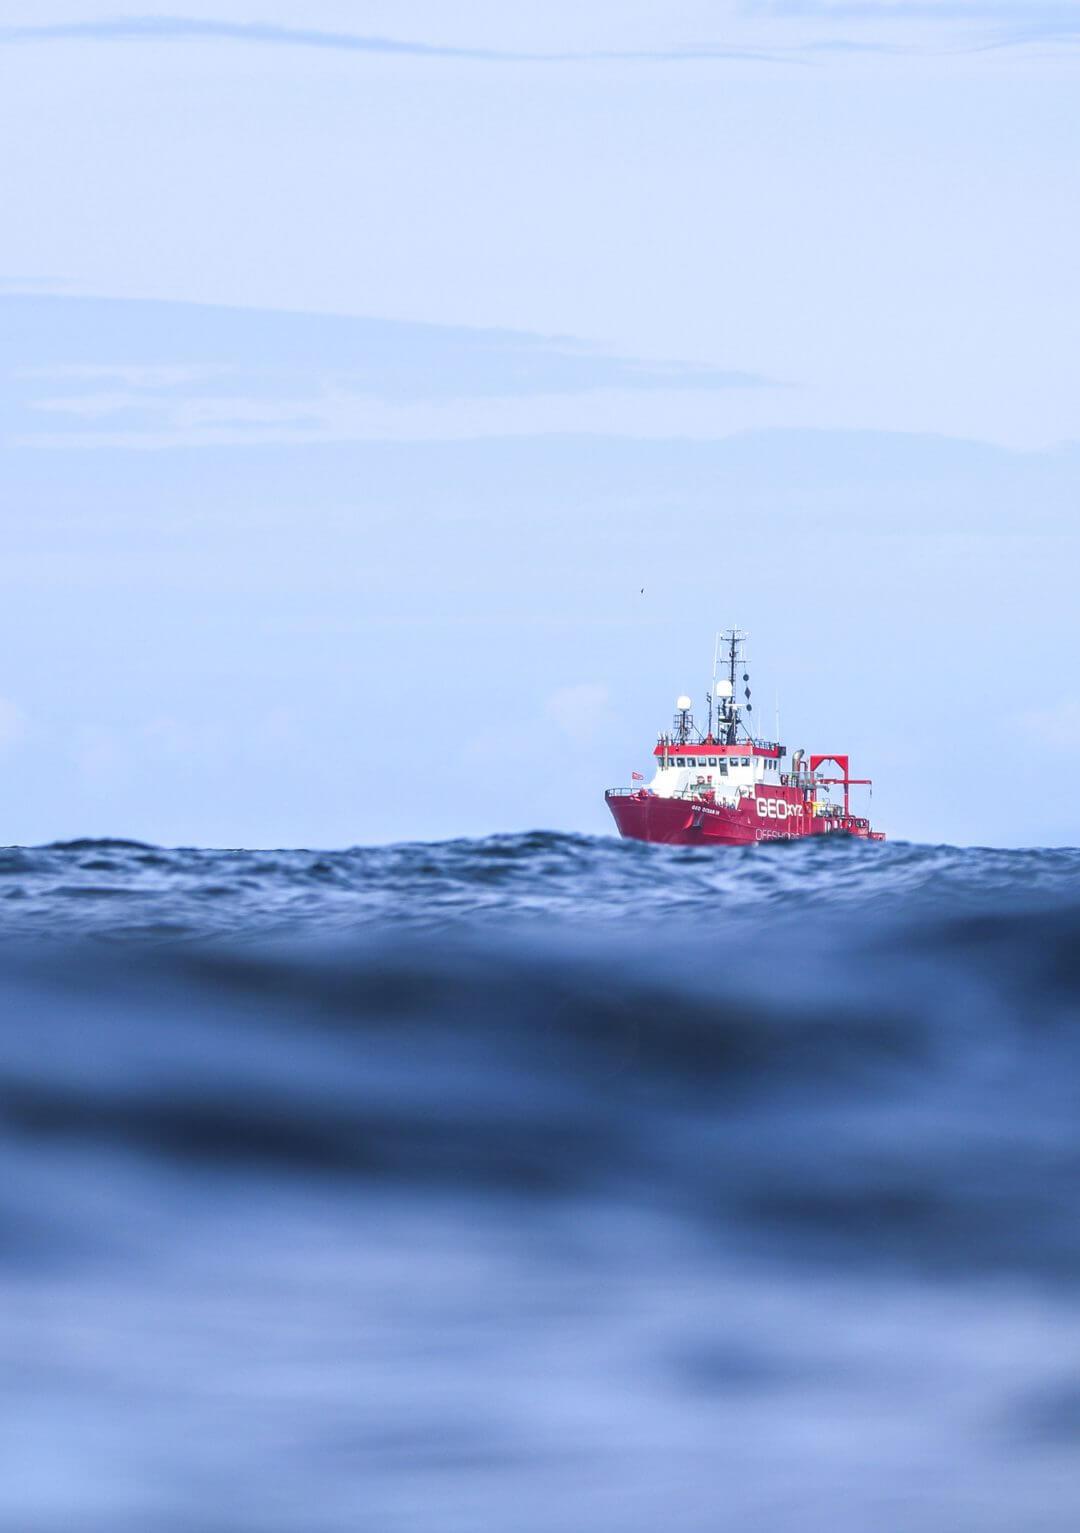 ailes-marines-offshore-bateau-seul-portait